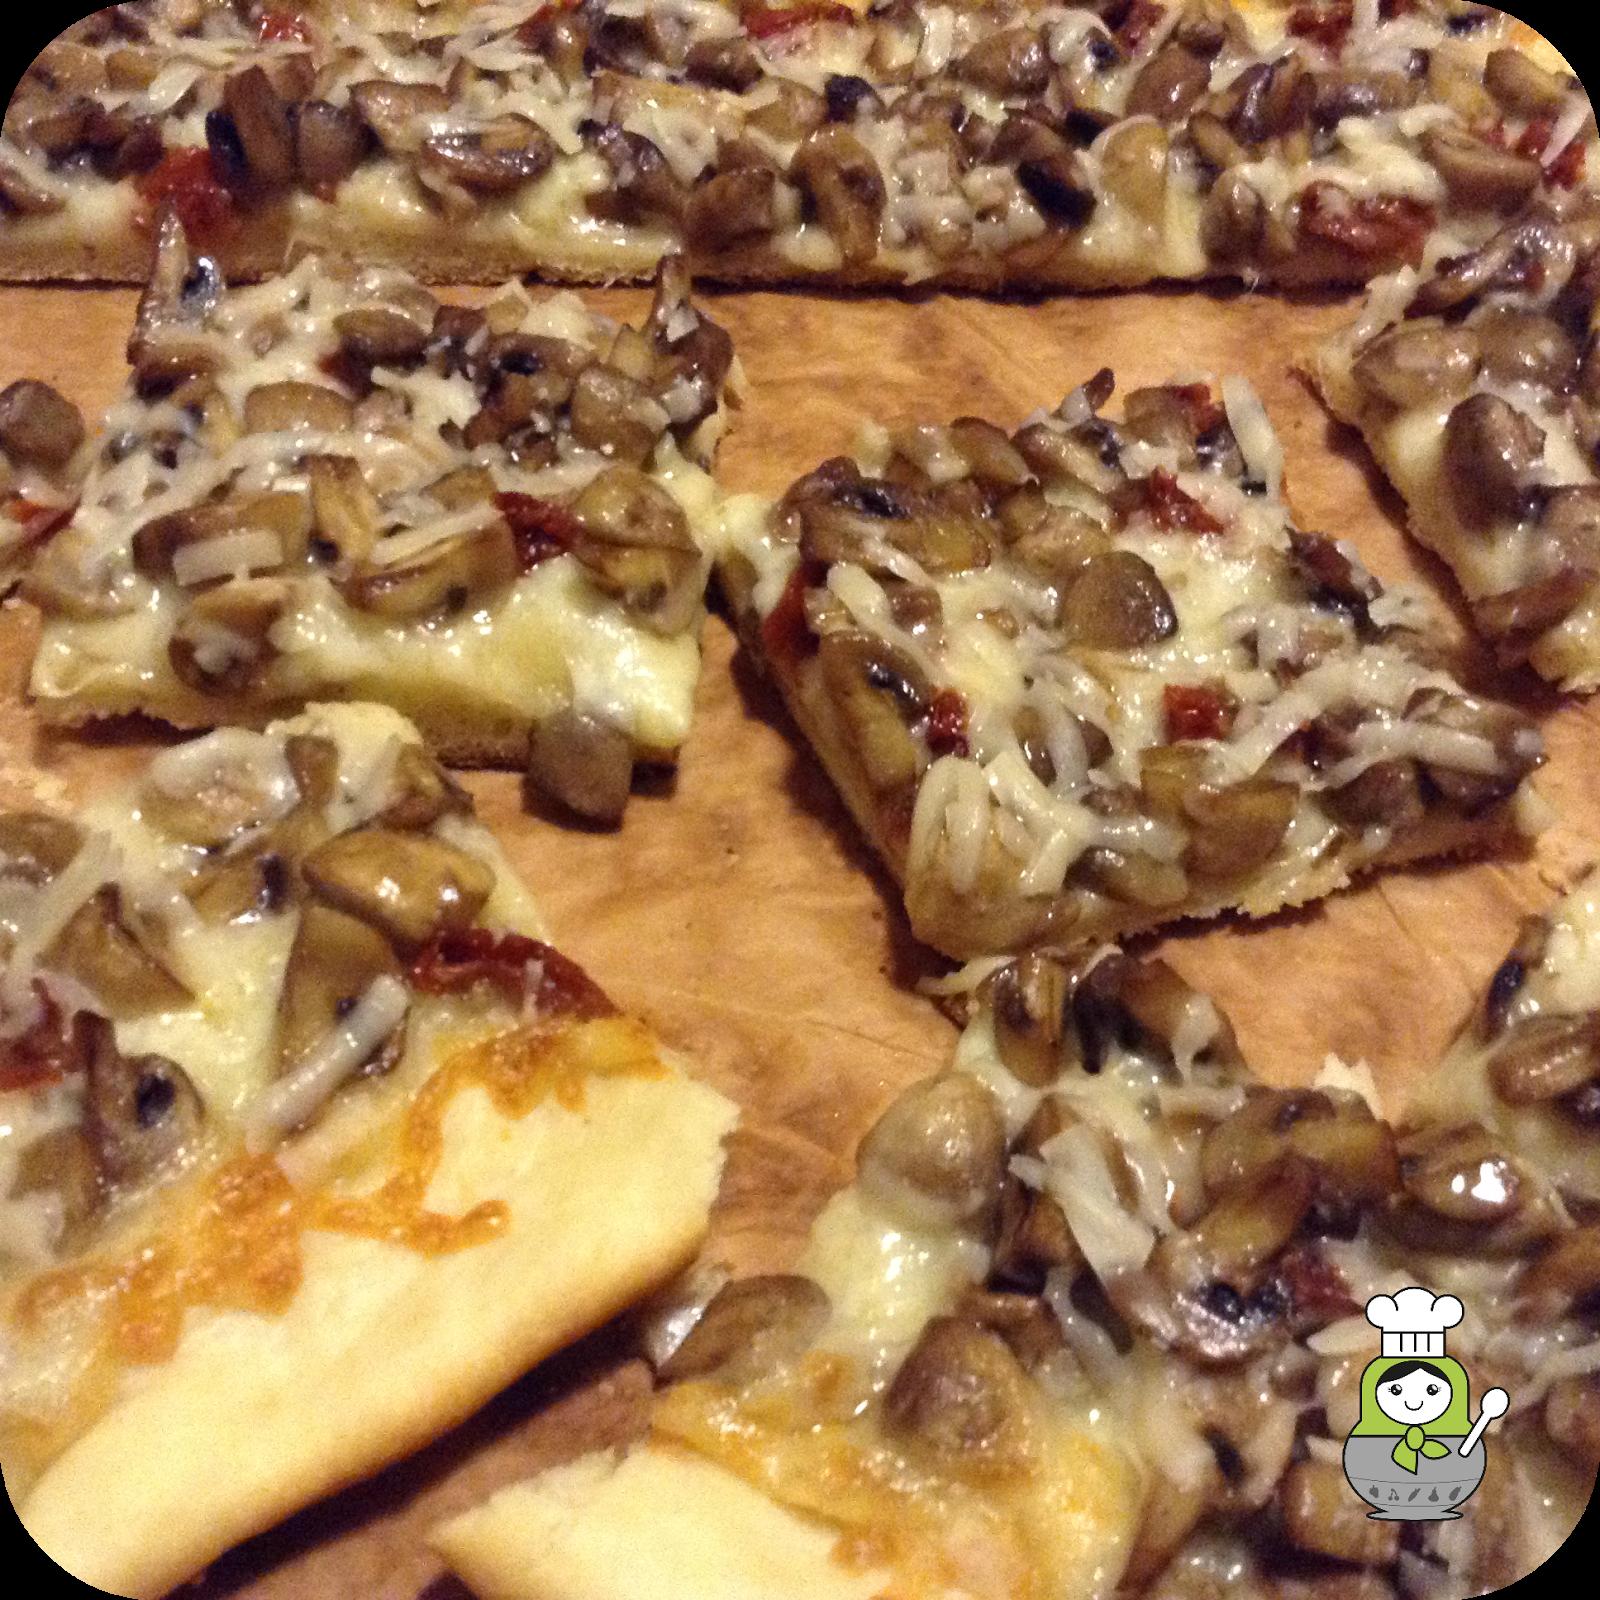 Aprende a preparar esta pizza blanca con champiñones al ajillo y queso parmigiano con nuestra receta paso a paso.